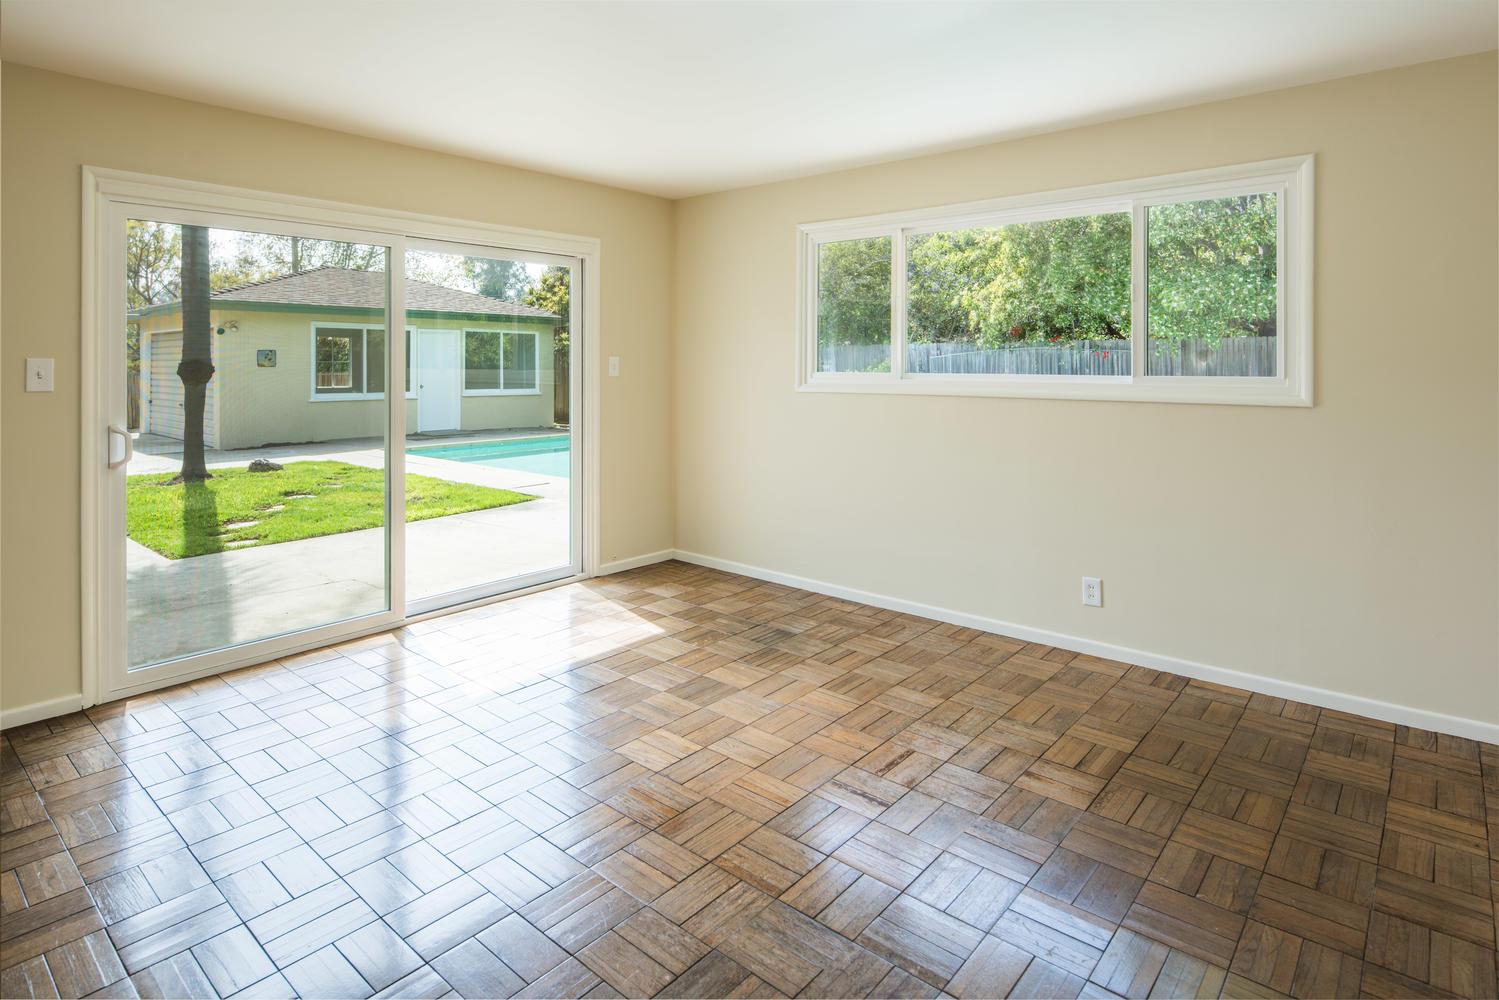 833 Bienveneda Ave Pacific-large-015-21-Master Bedroom-1500x1000-72dpi.jpg